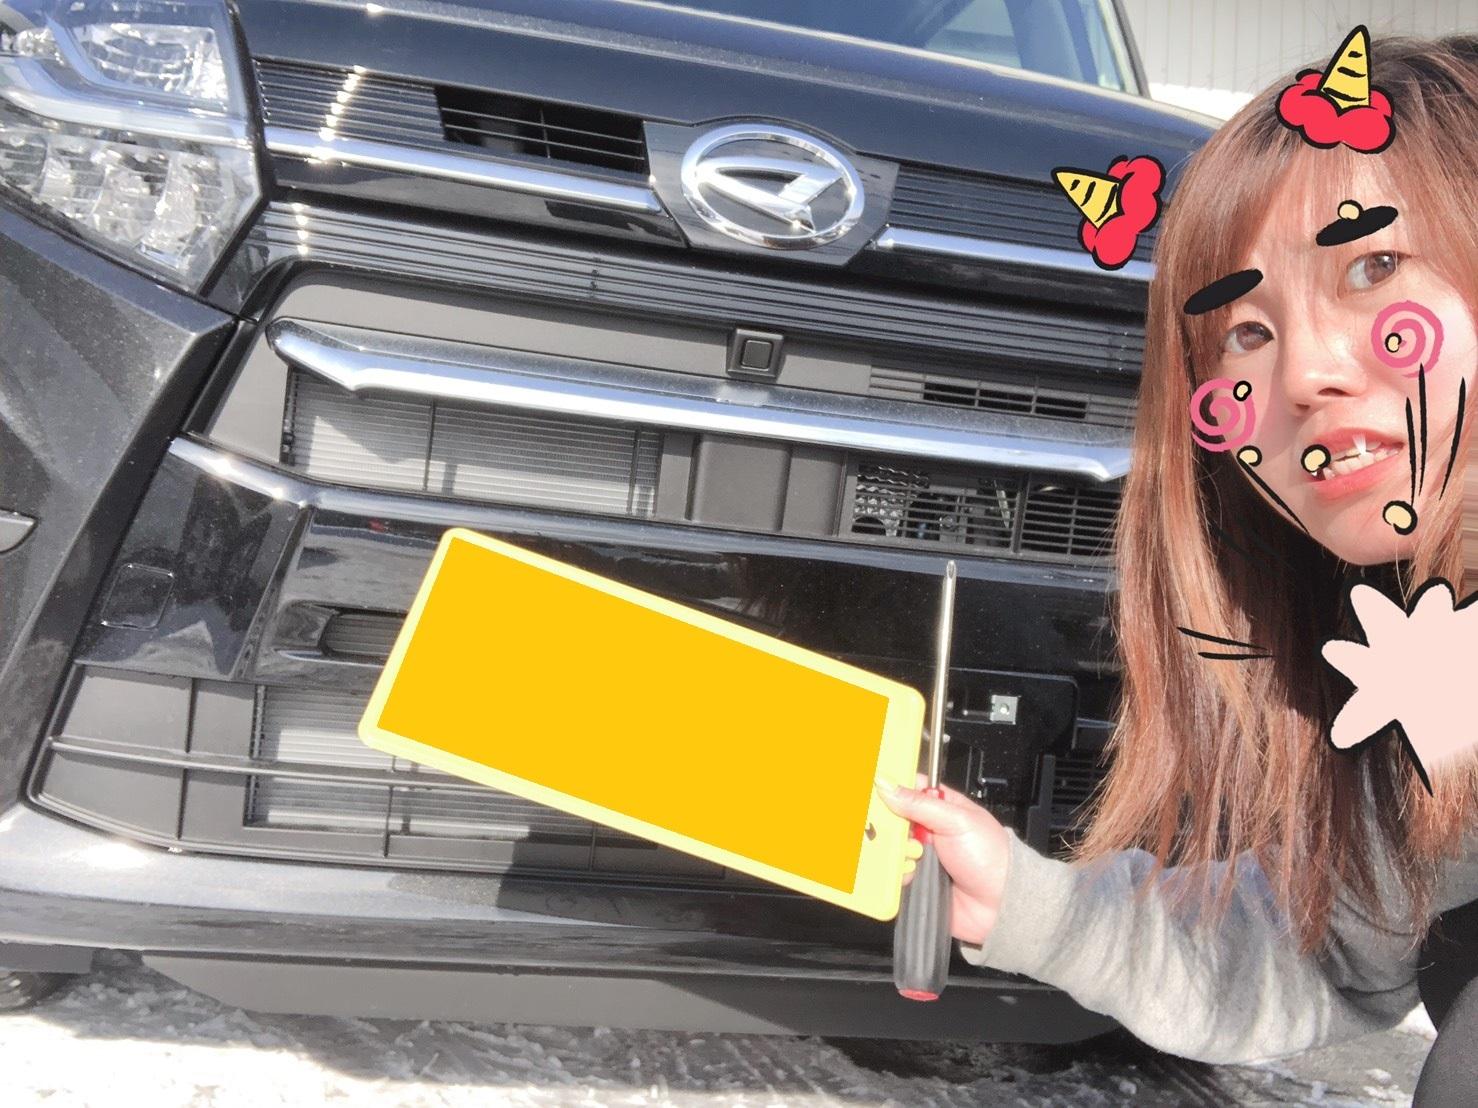 2月8日(土)♡ランクル200GX-R新車並行あります!!ランクル エスカレード チャレンジャー♡TOMMY♡_b0127002_18332651.jpg